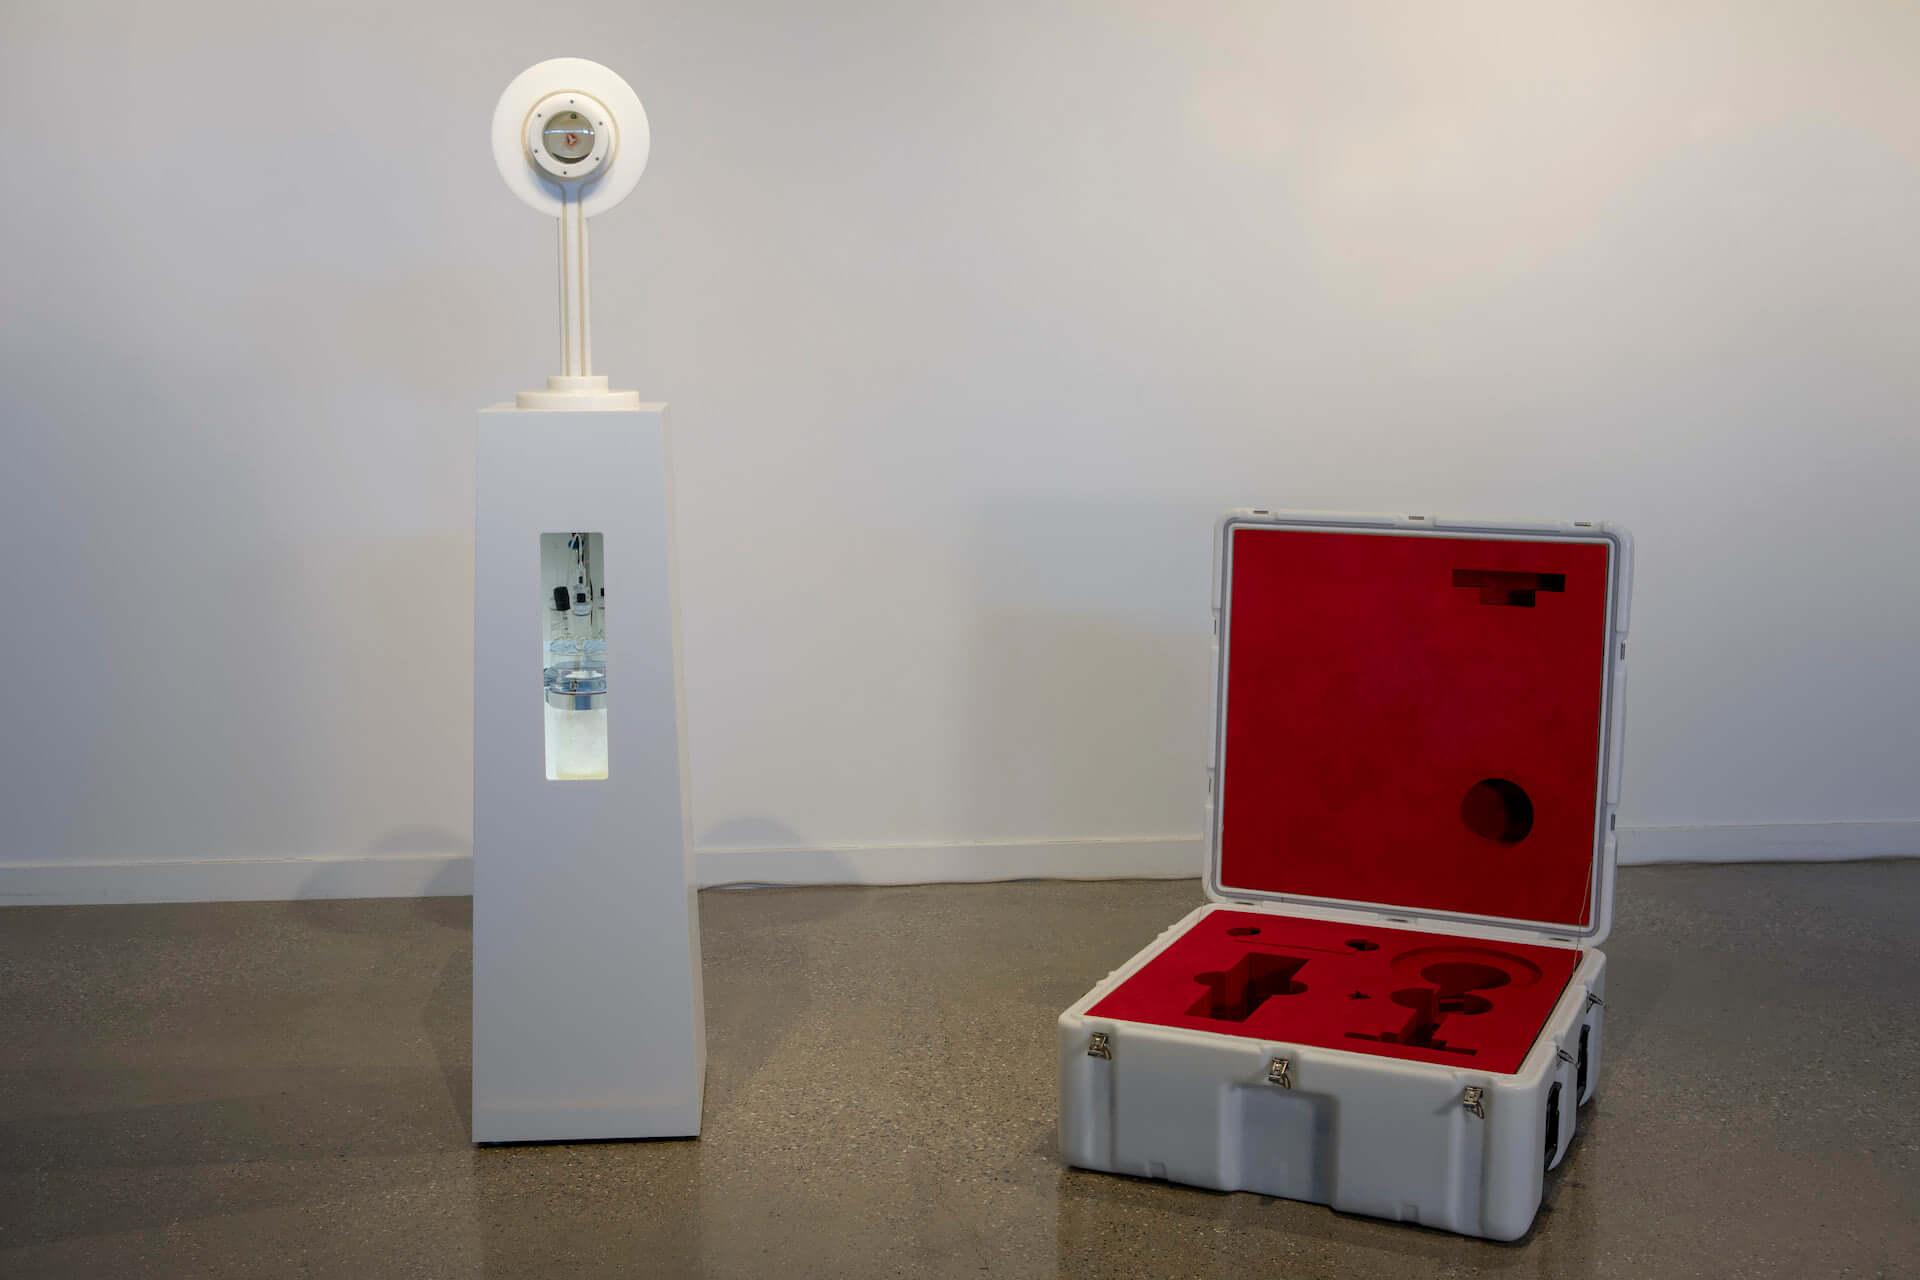 <第23回文化庁メディア芸術祭受賞作品展>が日本科学未来館で開催決定!VRカメラによるオンラインコンテンツも展開 art200910_mediaartsfes_15-1920x1280